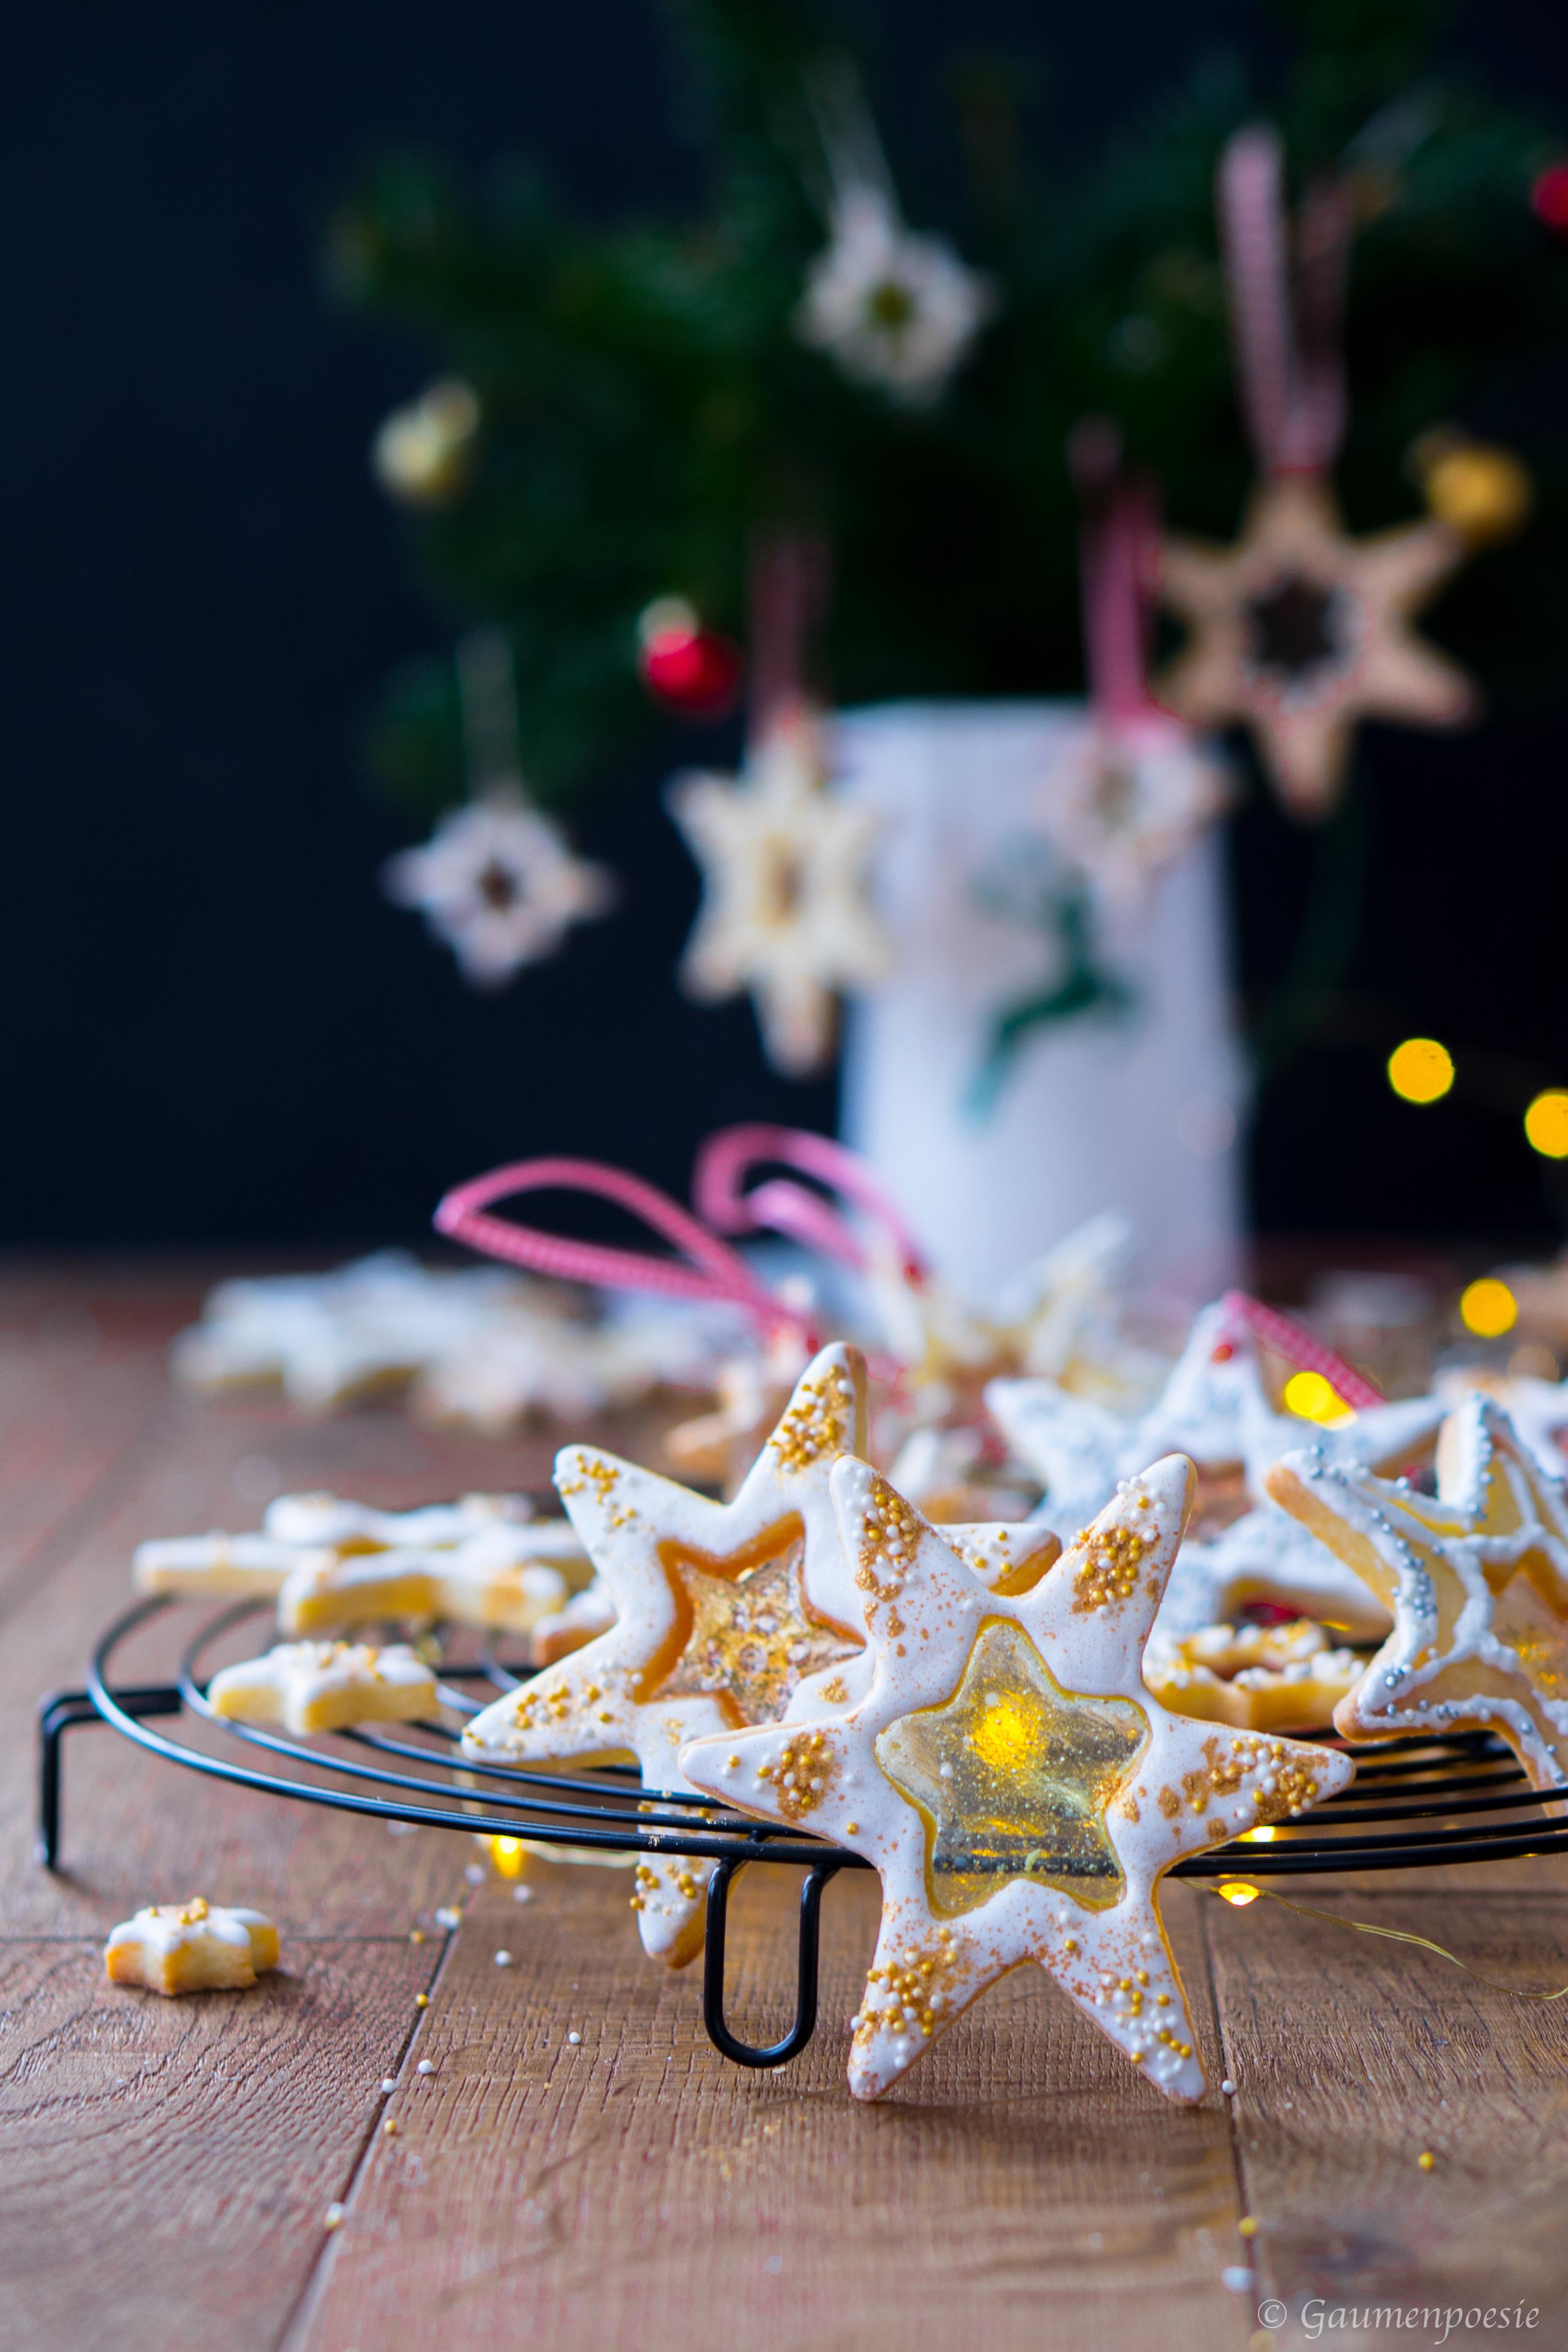 Buntglas-Kekse